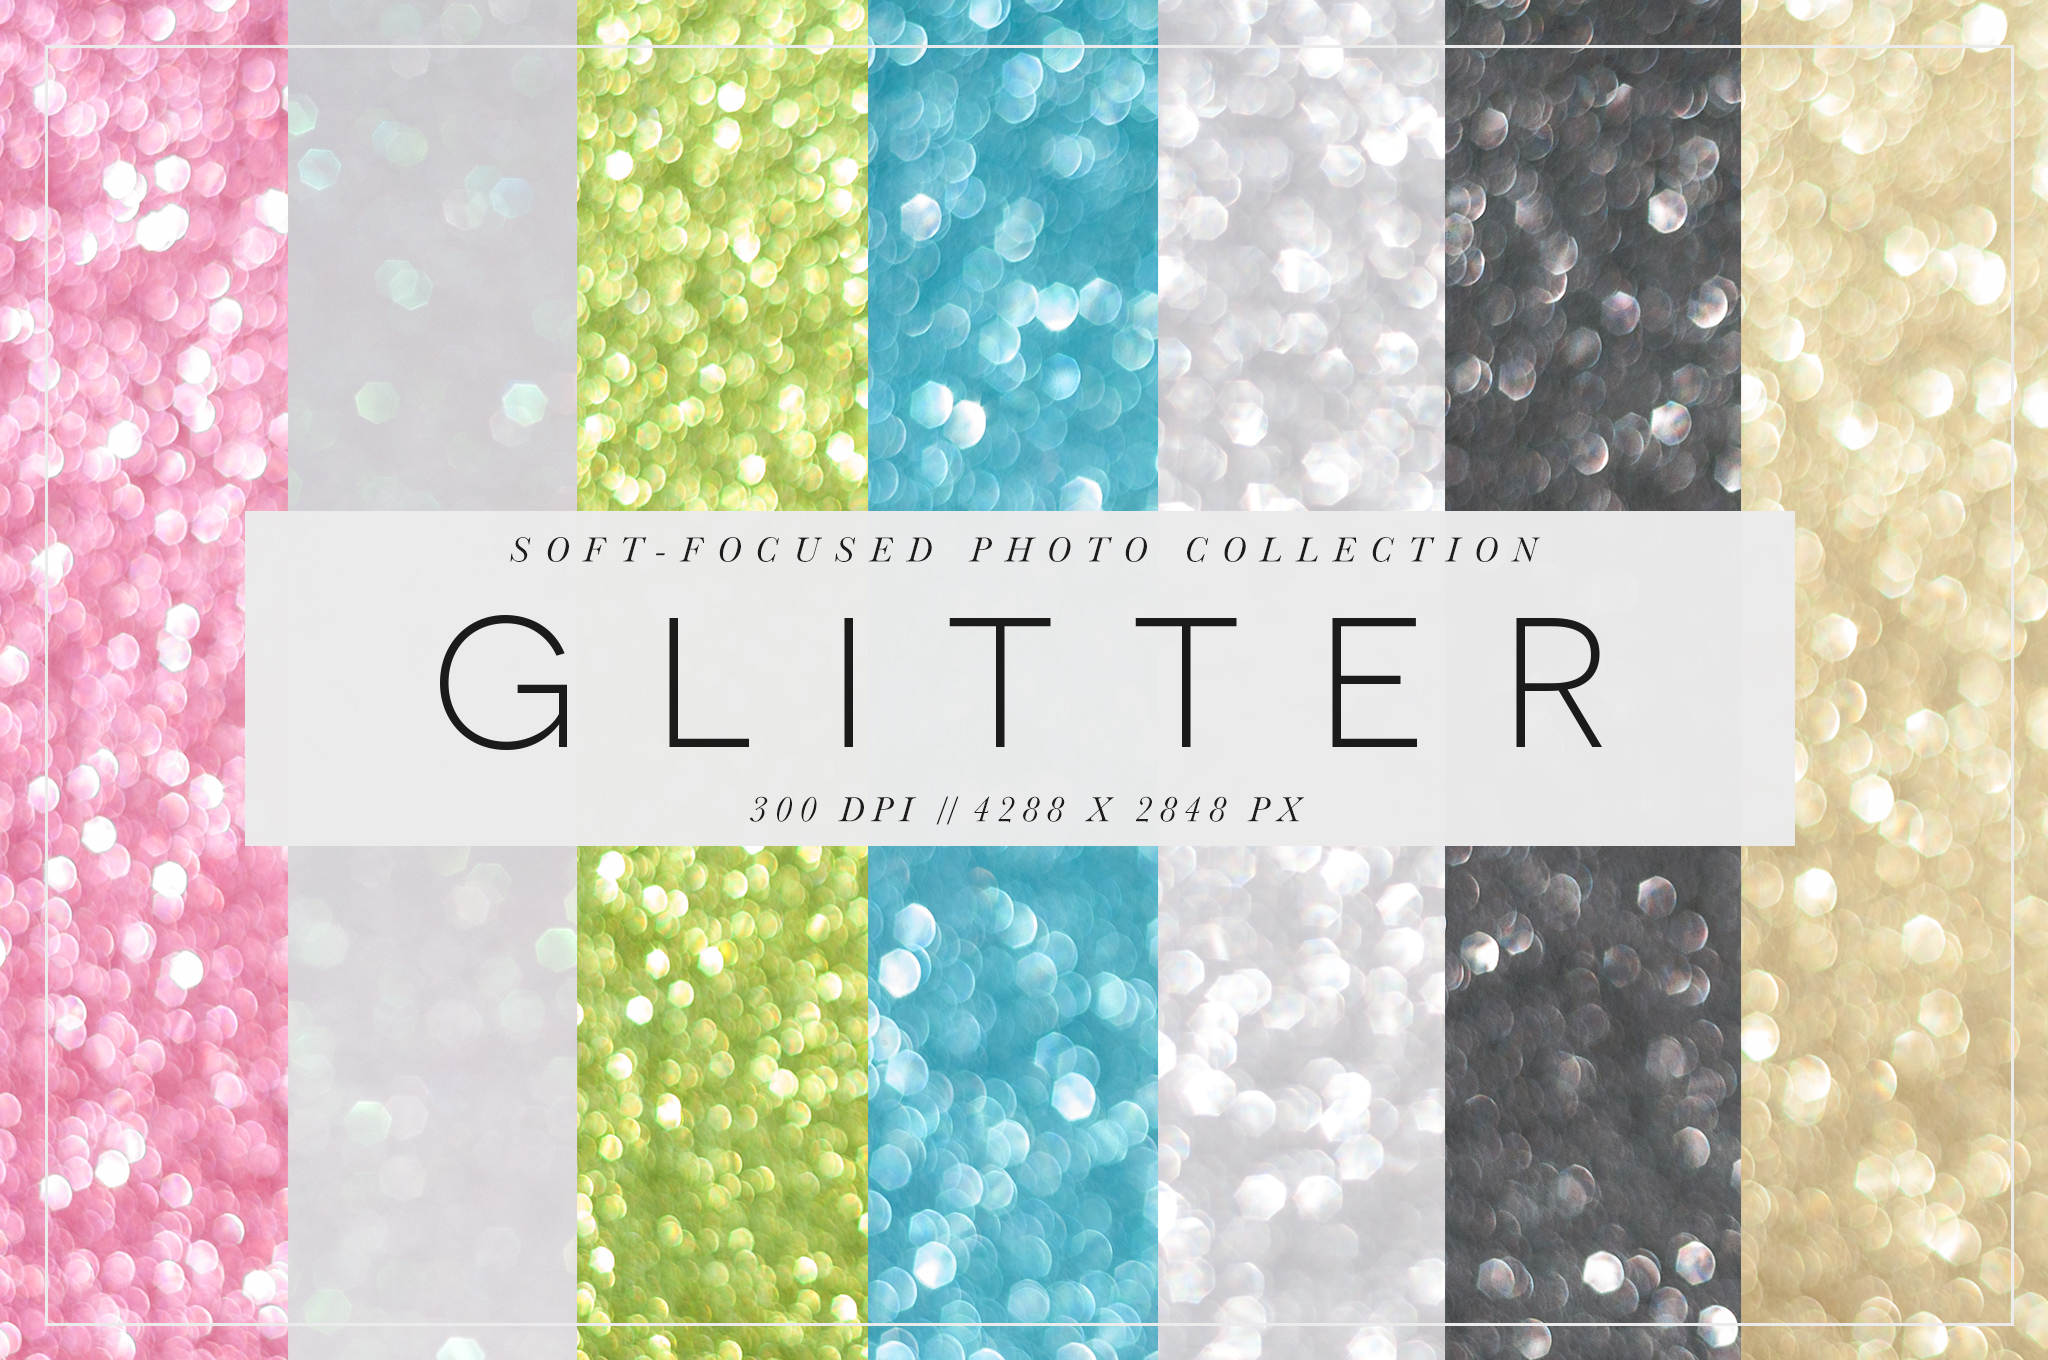 glitter pack cover